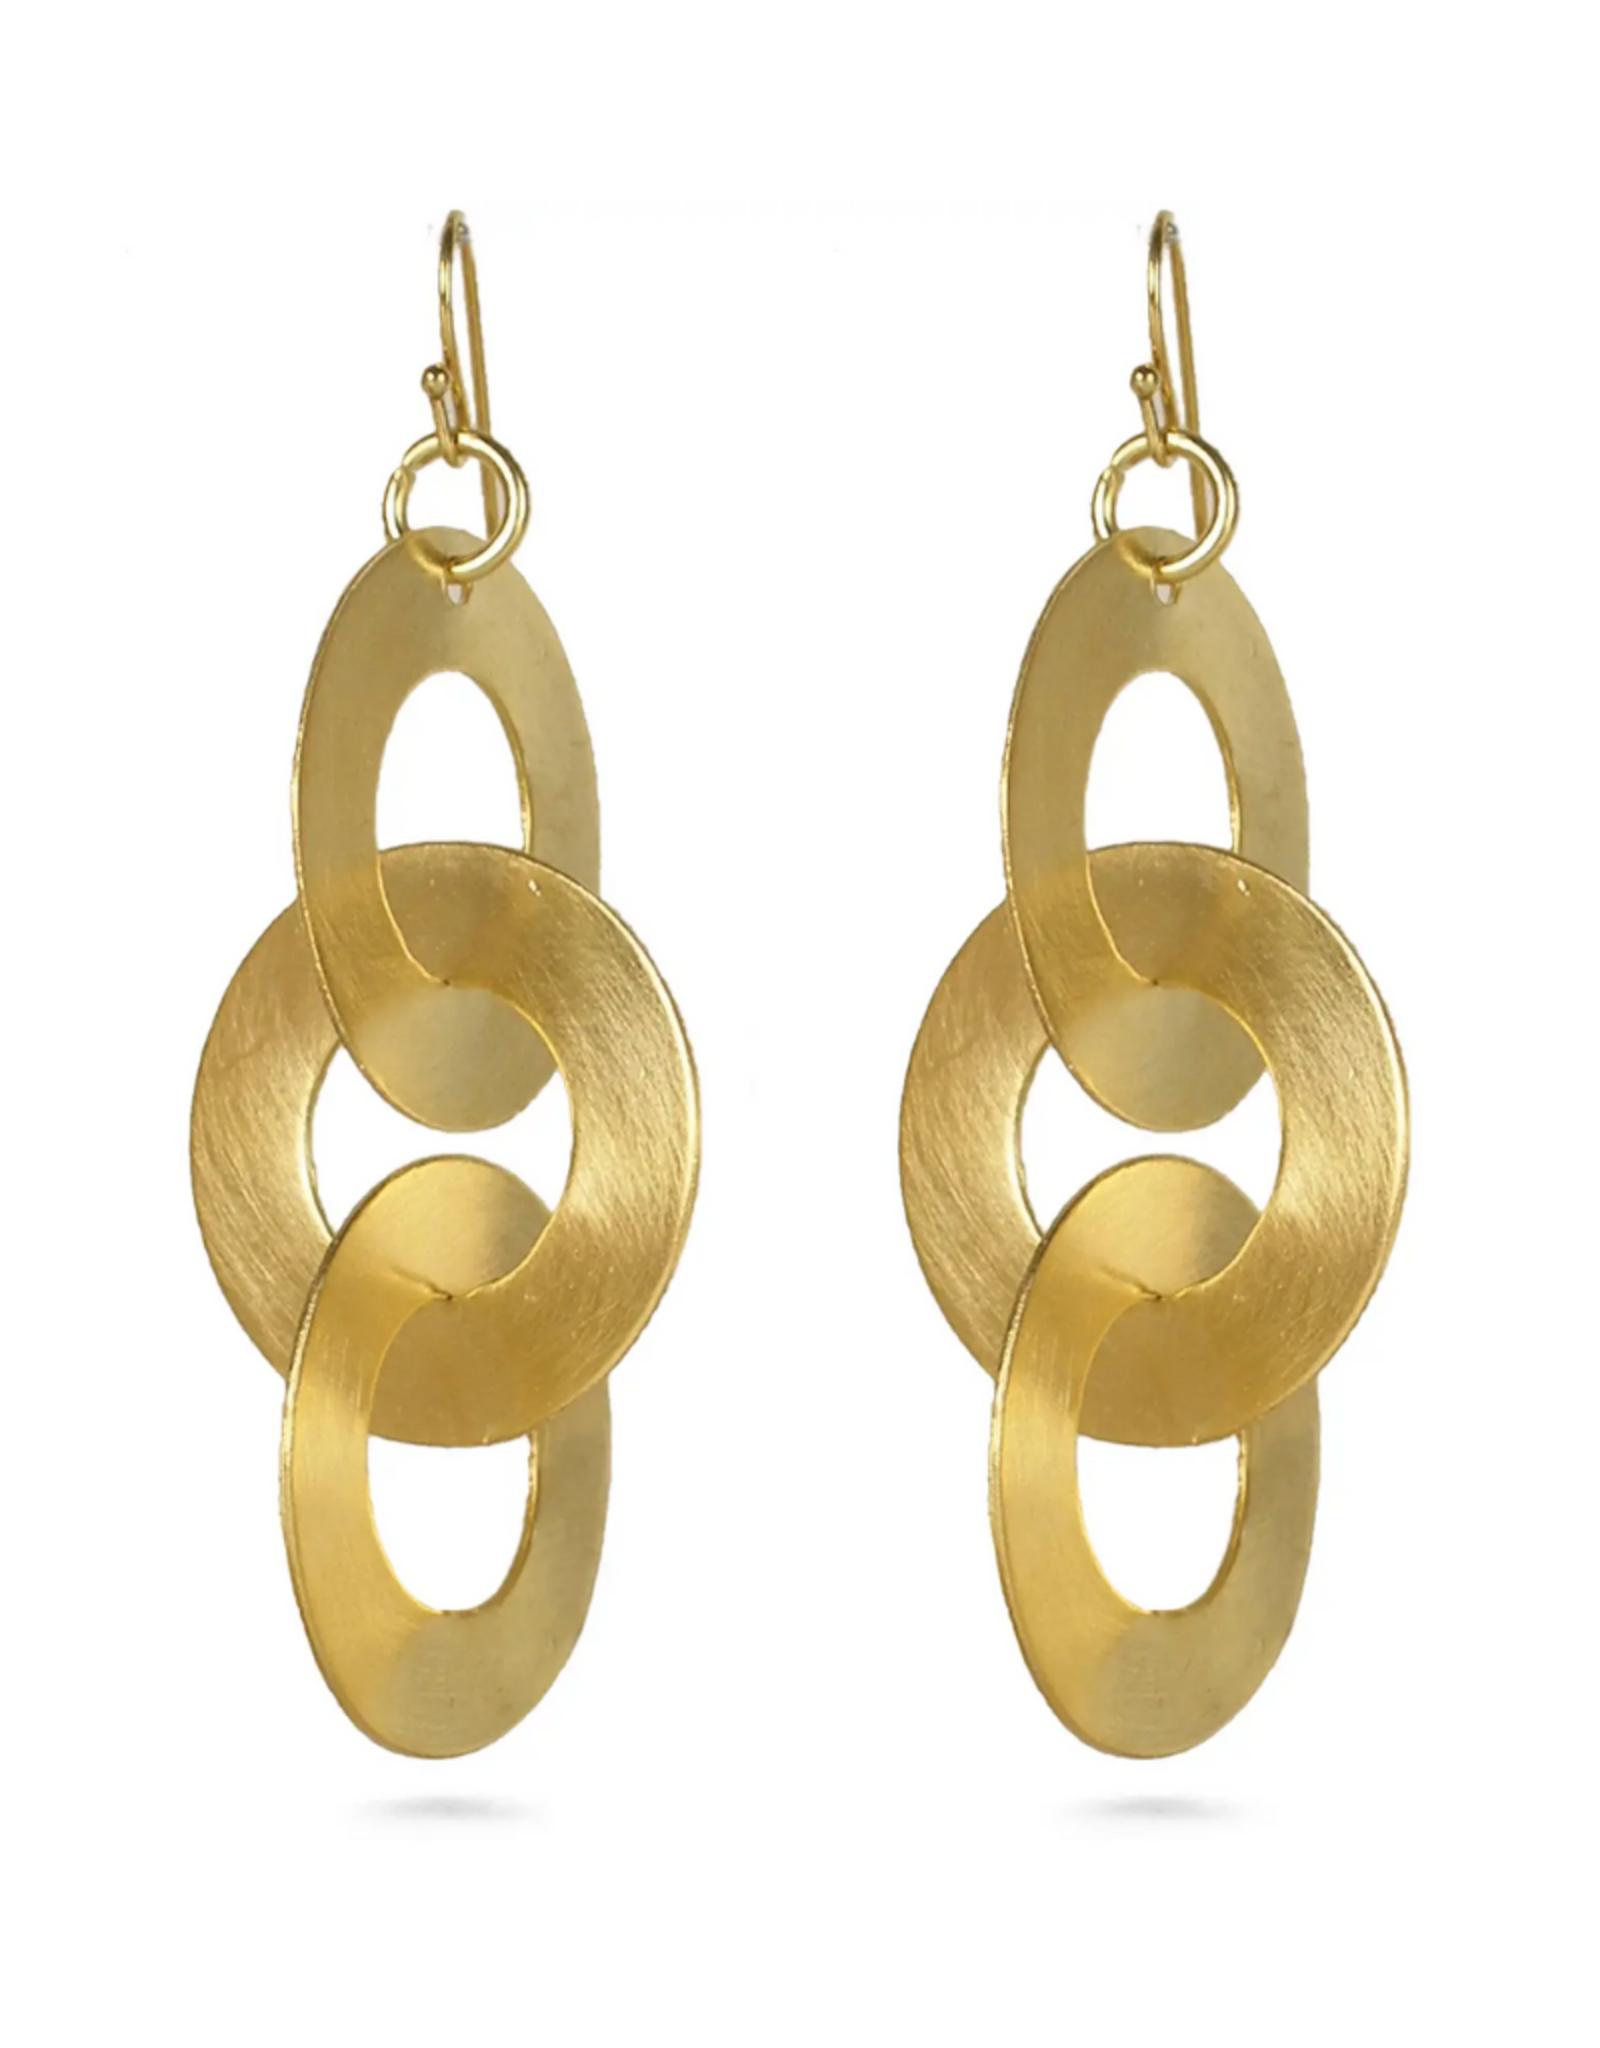 Faire/Museum Reproductions EARRINGS-RIHANA GOLD